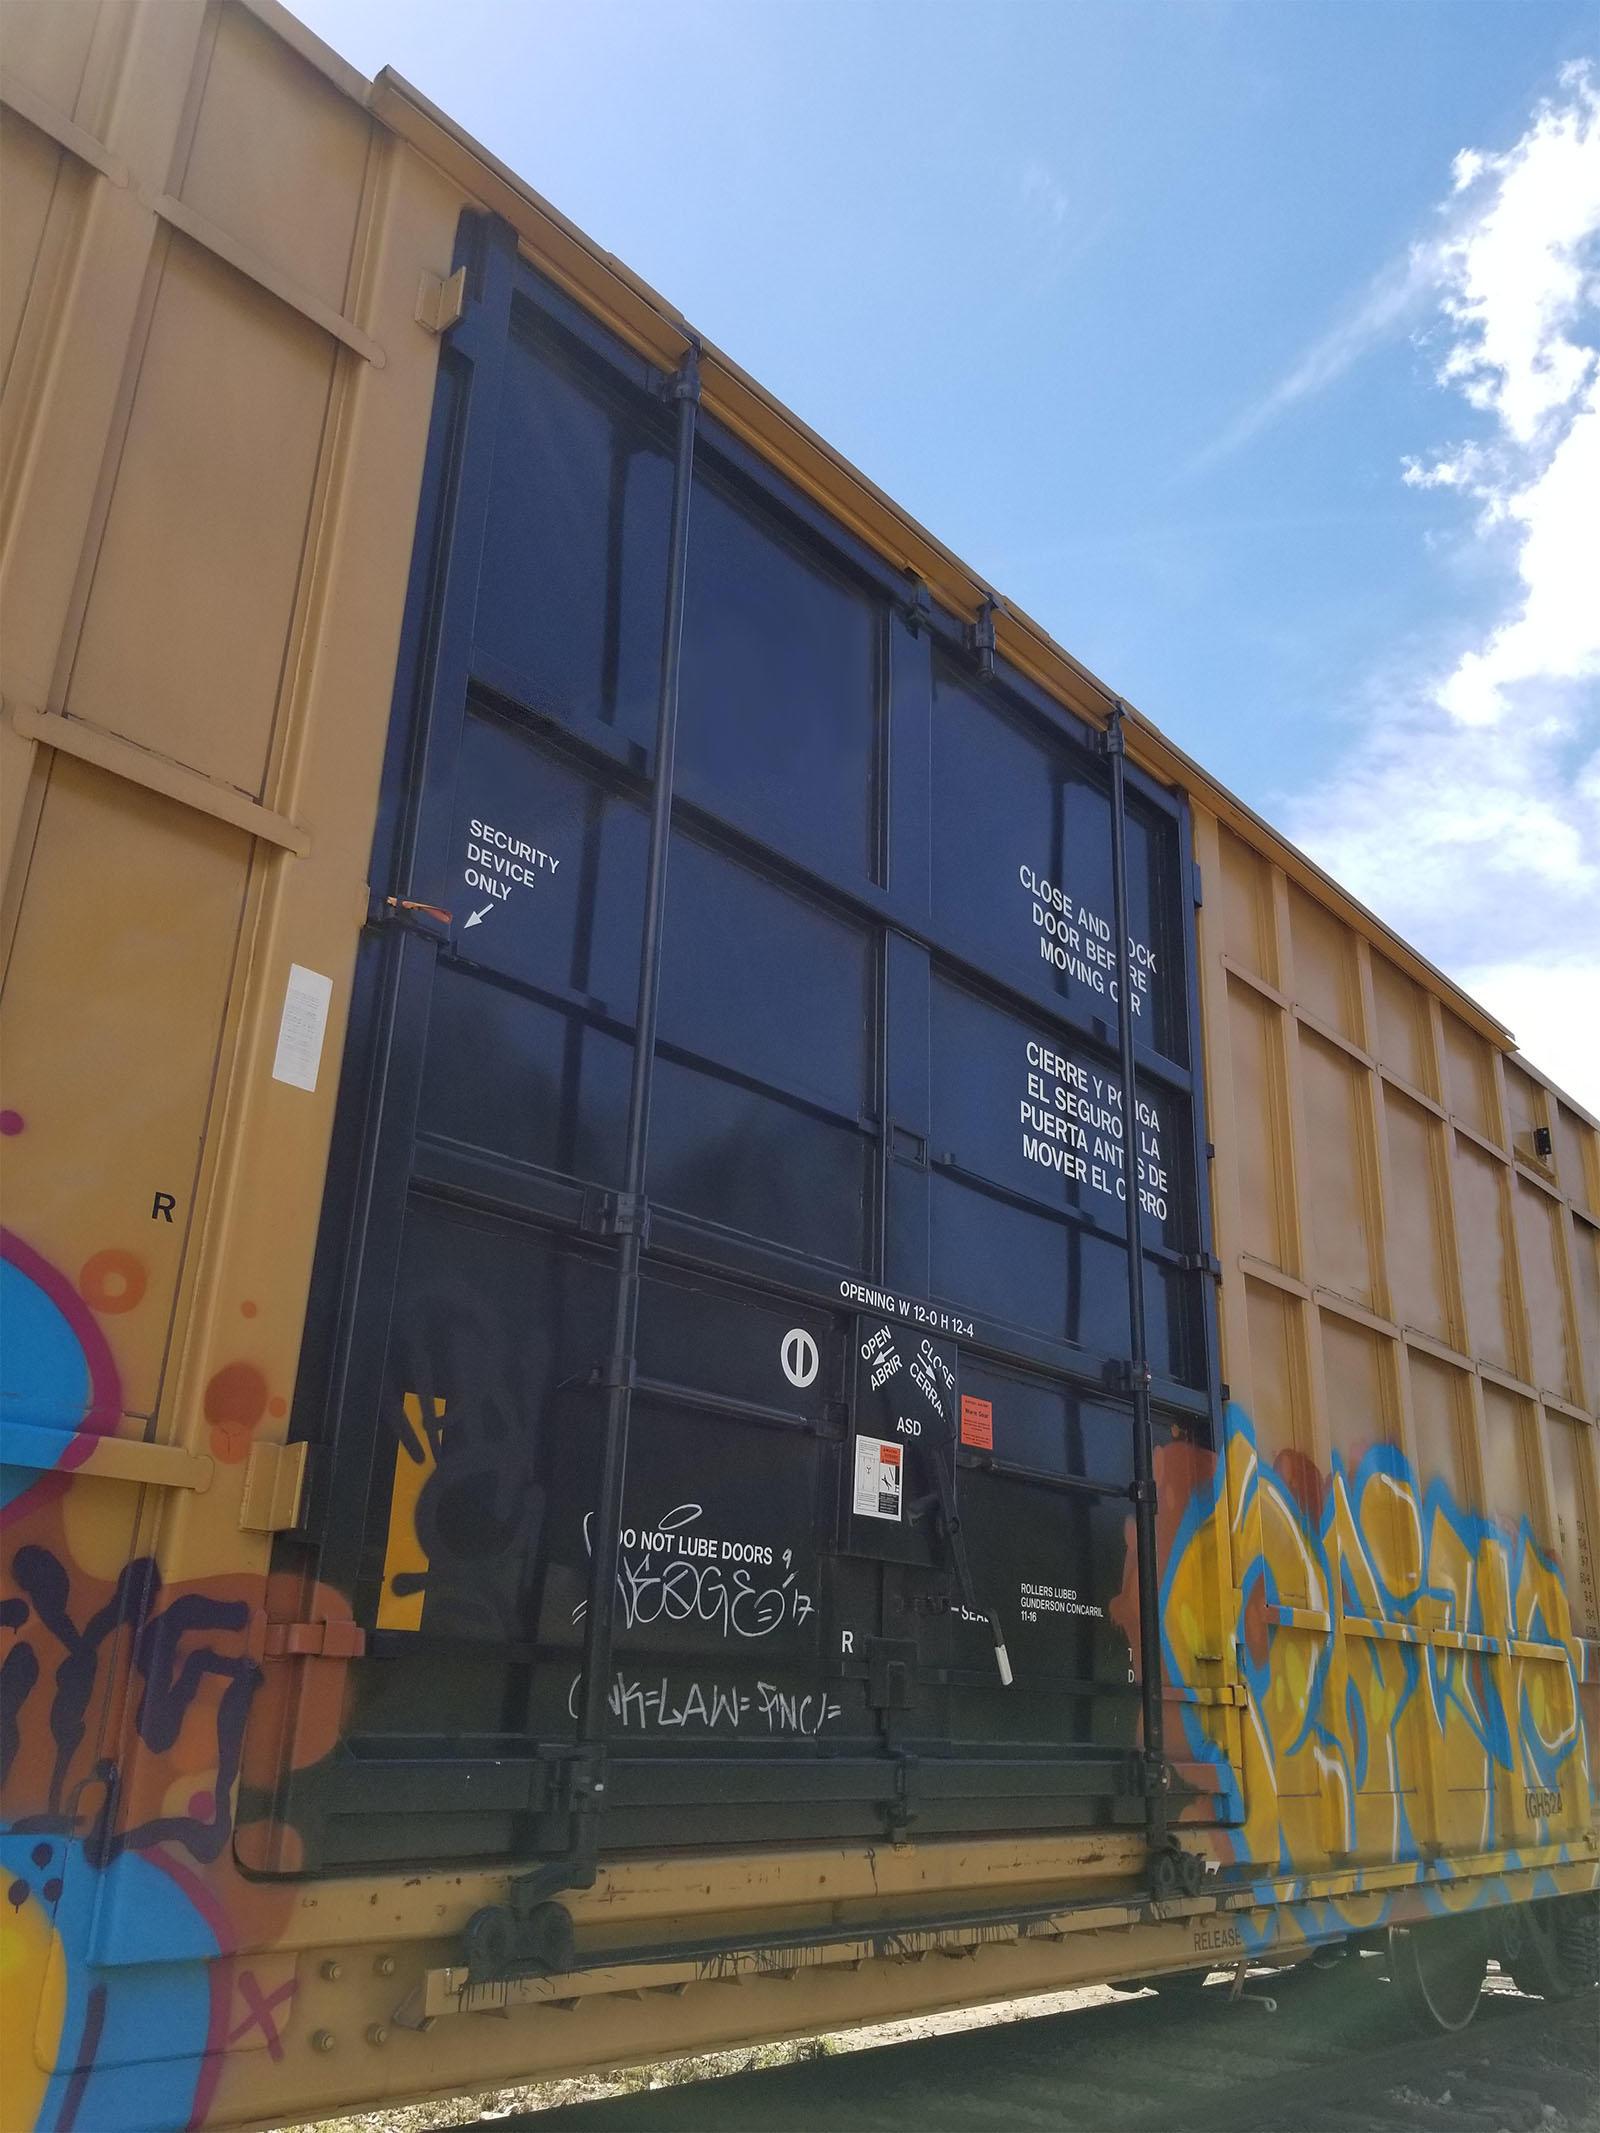 Strozier Railcar Services image 6